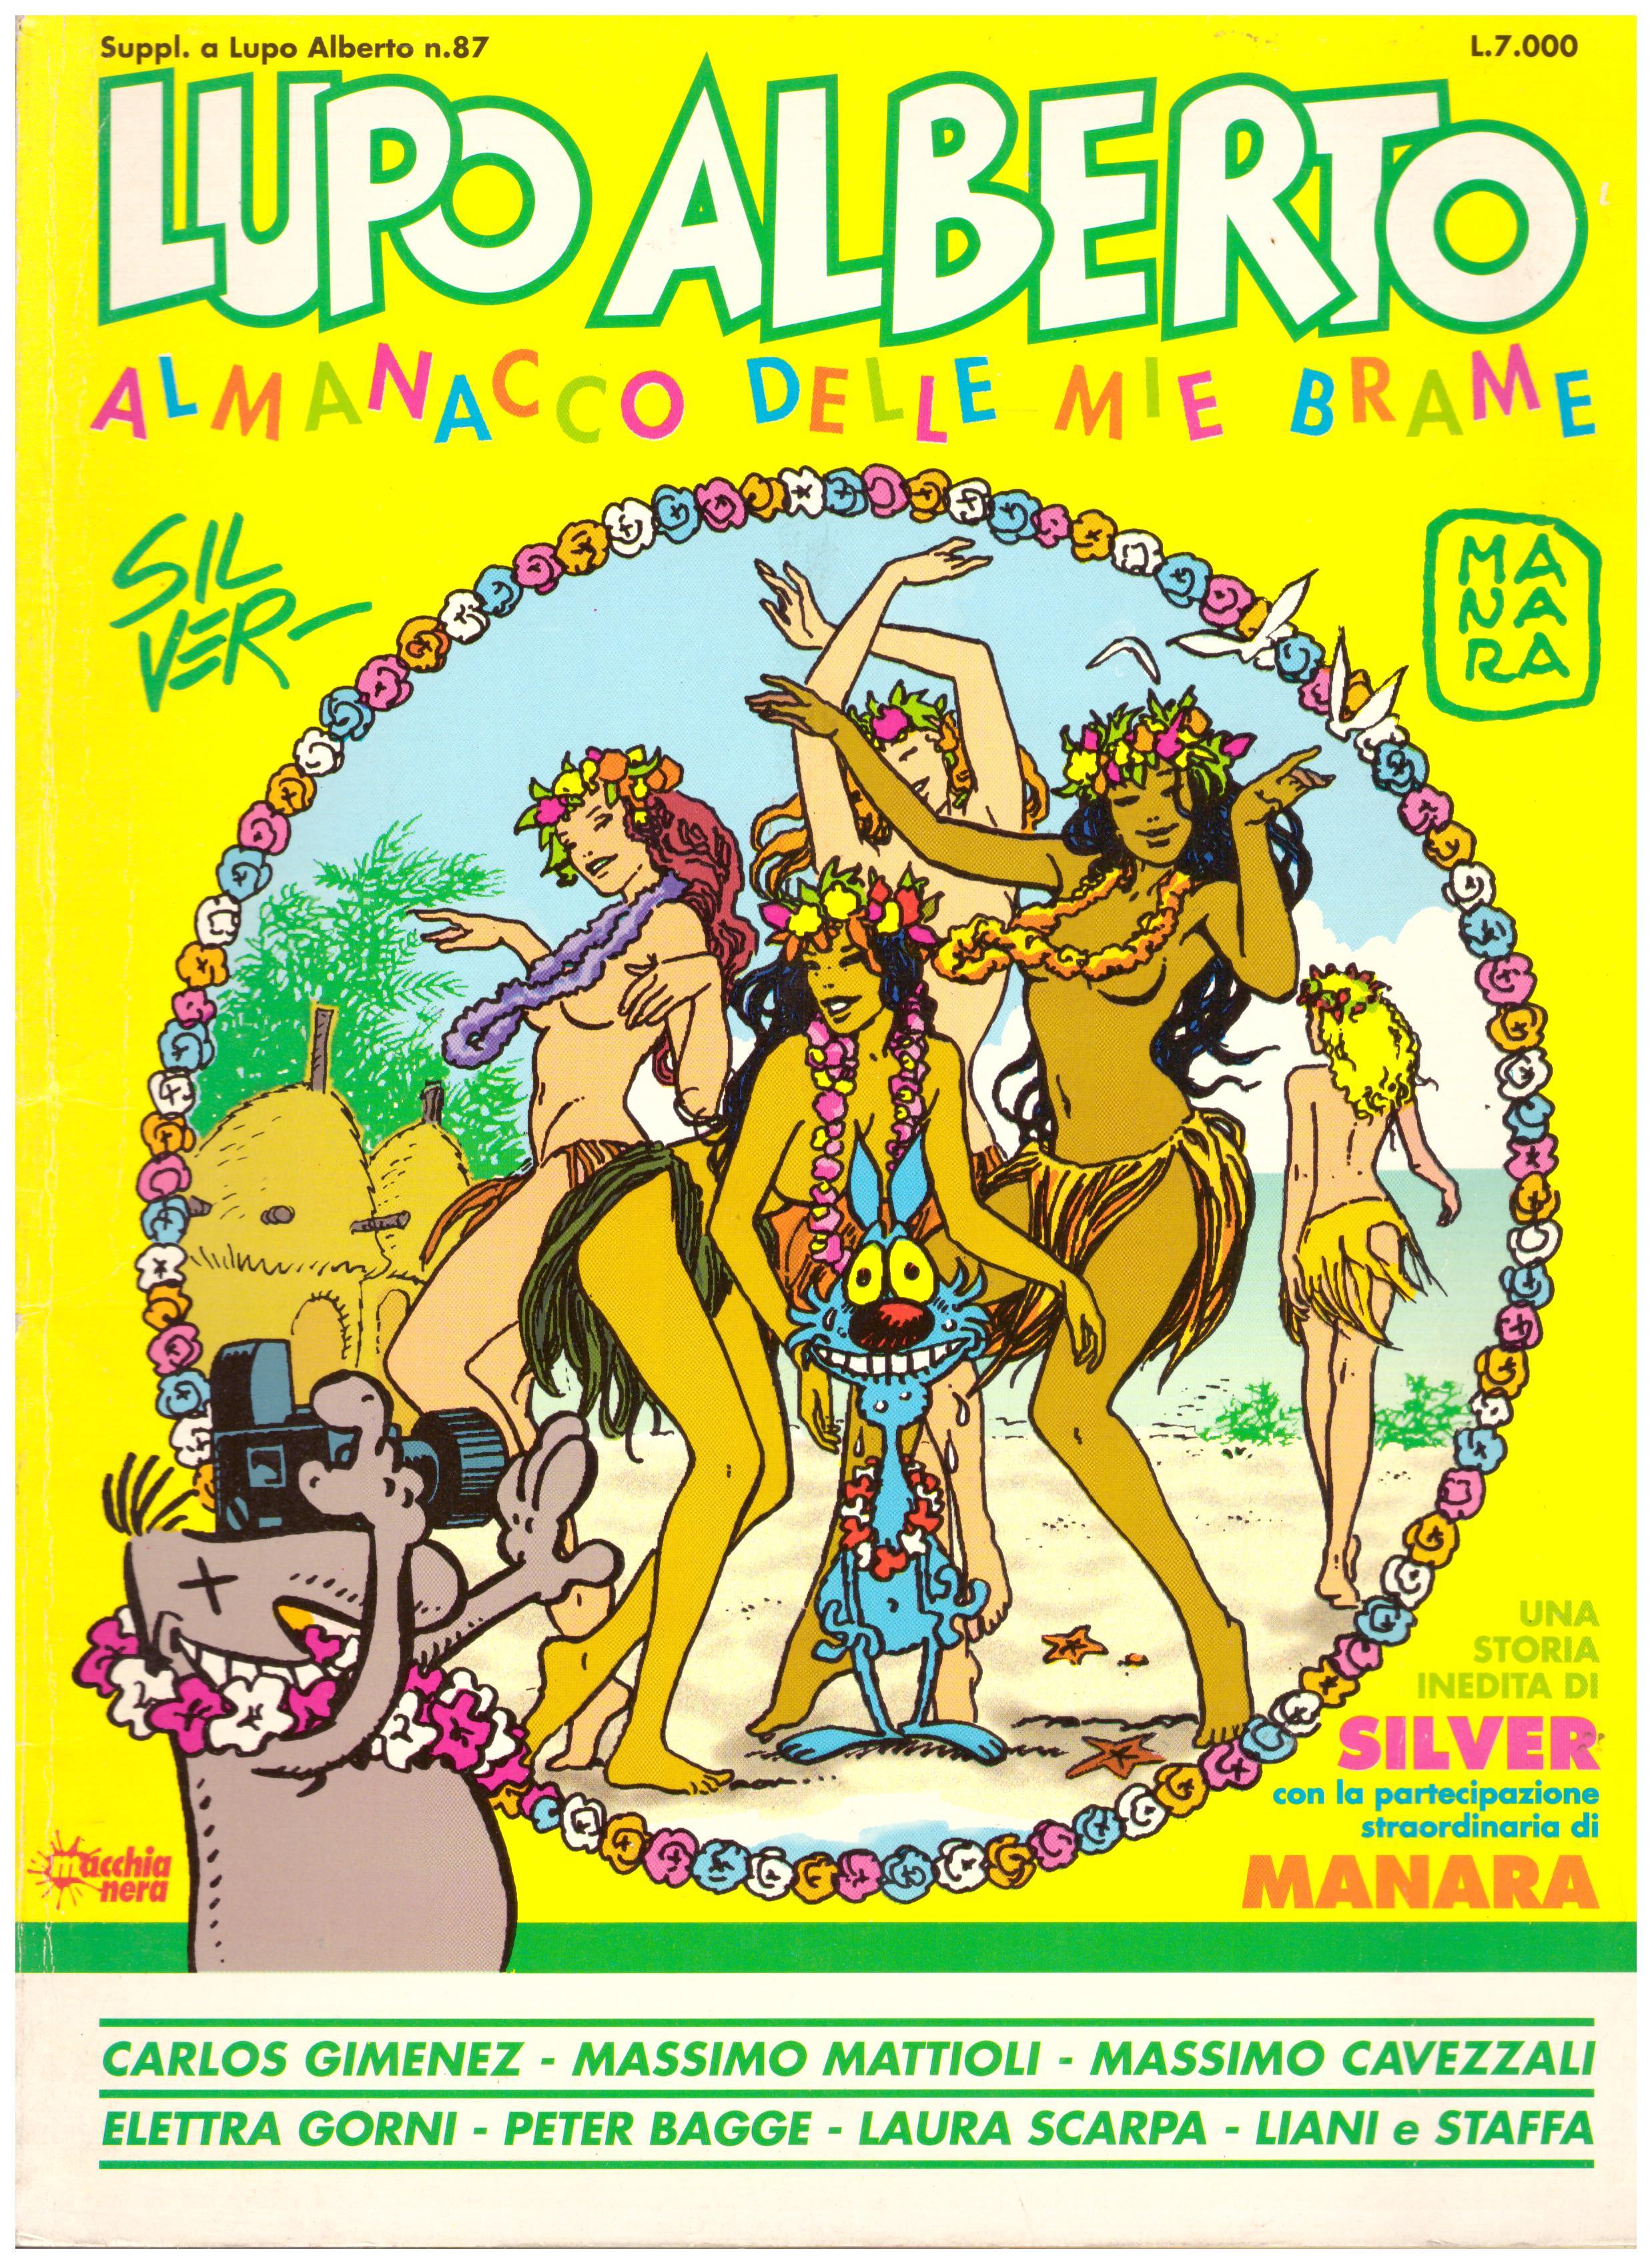 Titolo: Lupo Alberto almanacco delle mie brame Autore : AA.VV. Editore: Macchia nera